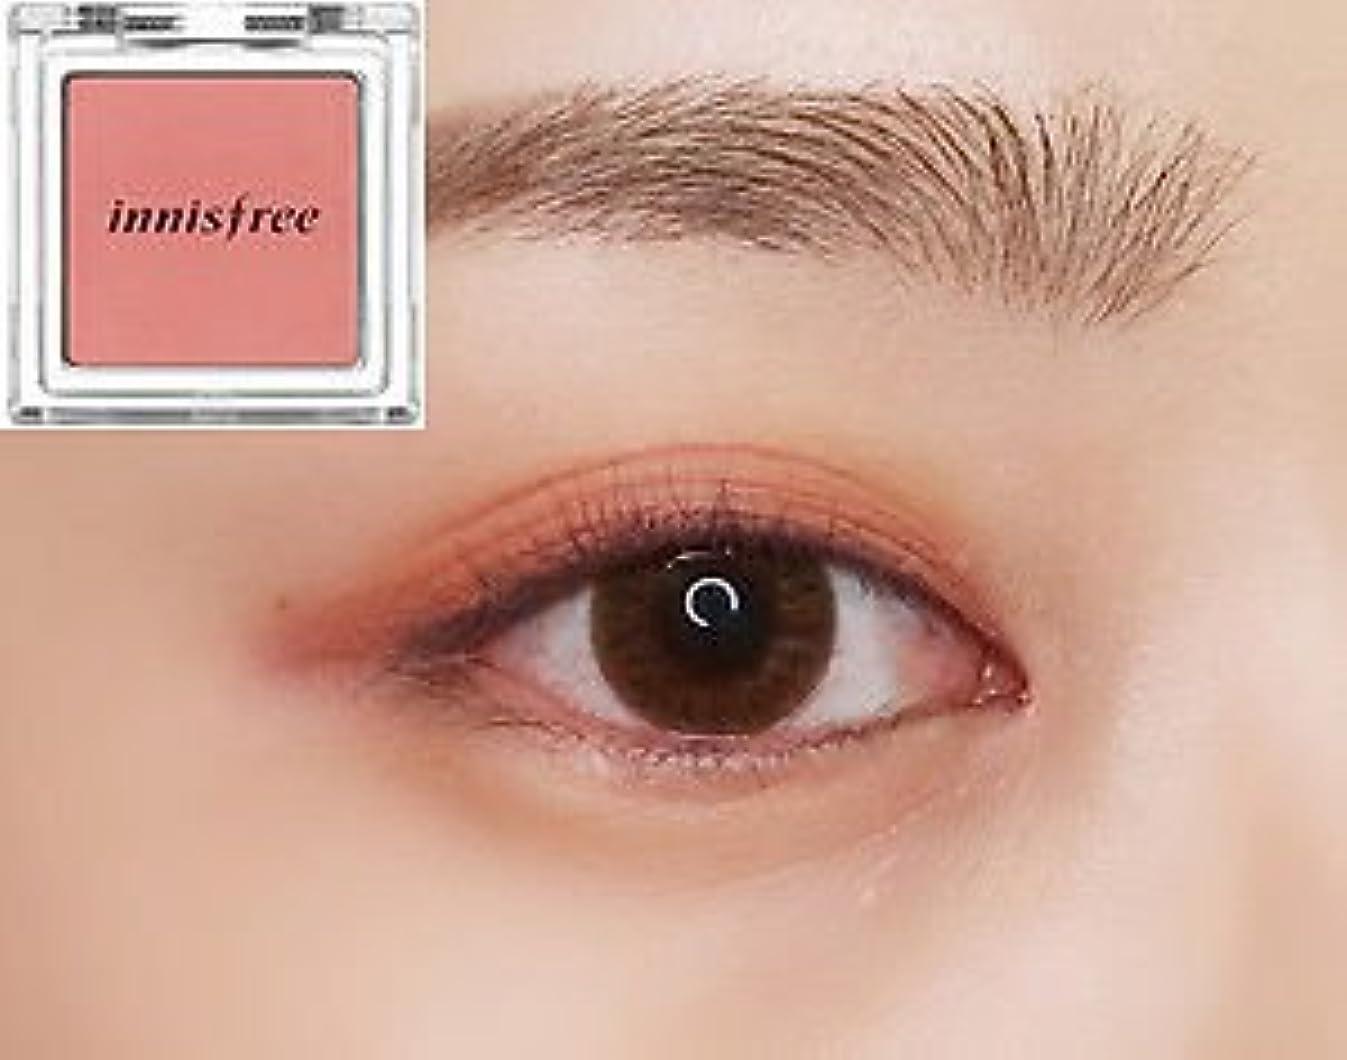 部族キウイたくさん[イニスフリー] innisfree [マイ パレット マイ アイシャドウ (マット) 40カラー] MY PALETTE My Eyeshadow (Matte) 40 Shades [海外直送品] (マット #33)